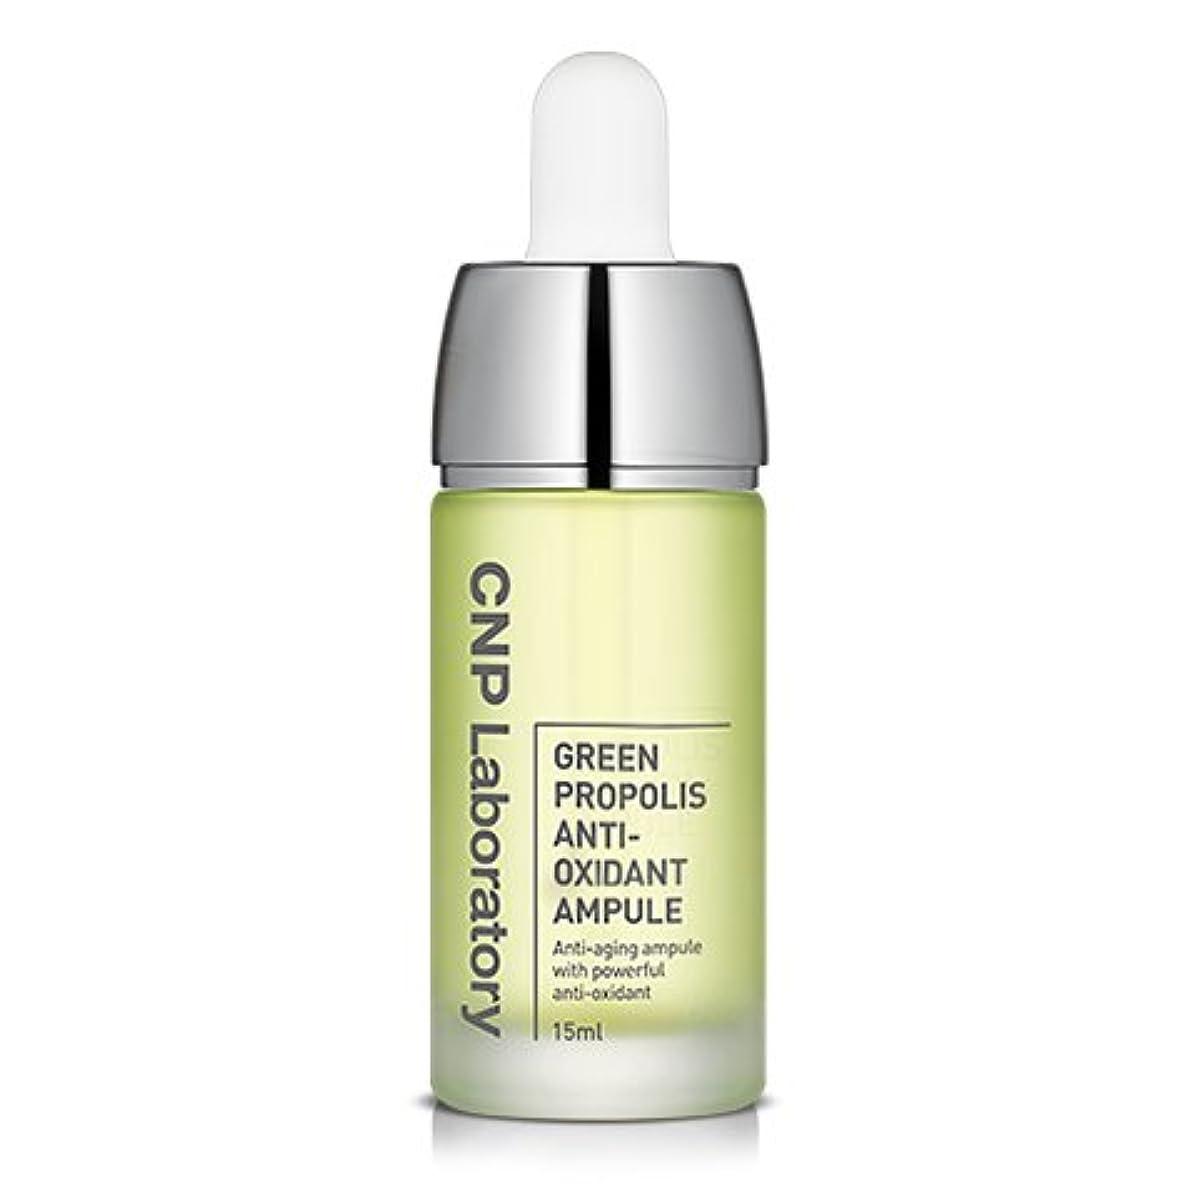 休憩コイン少しCNP Laboratory グリーンプロポリス酸化防止剤アンプル/Green Propolis Anti-Oxidant Ampule 15ml [並行輸入品]